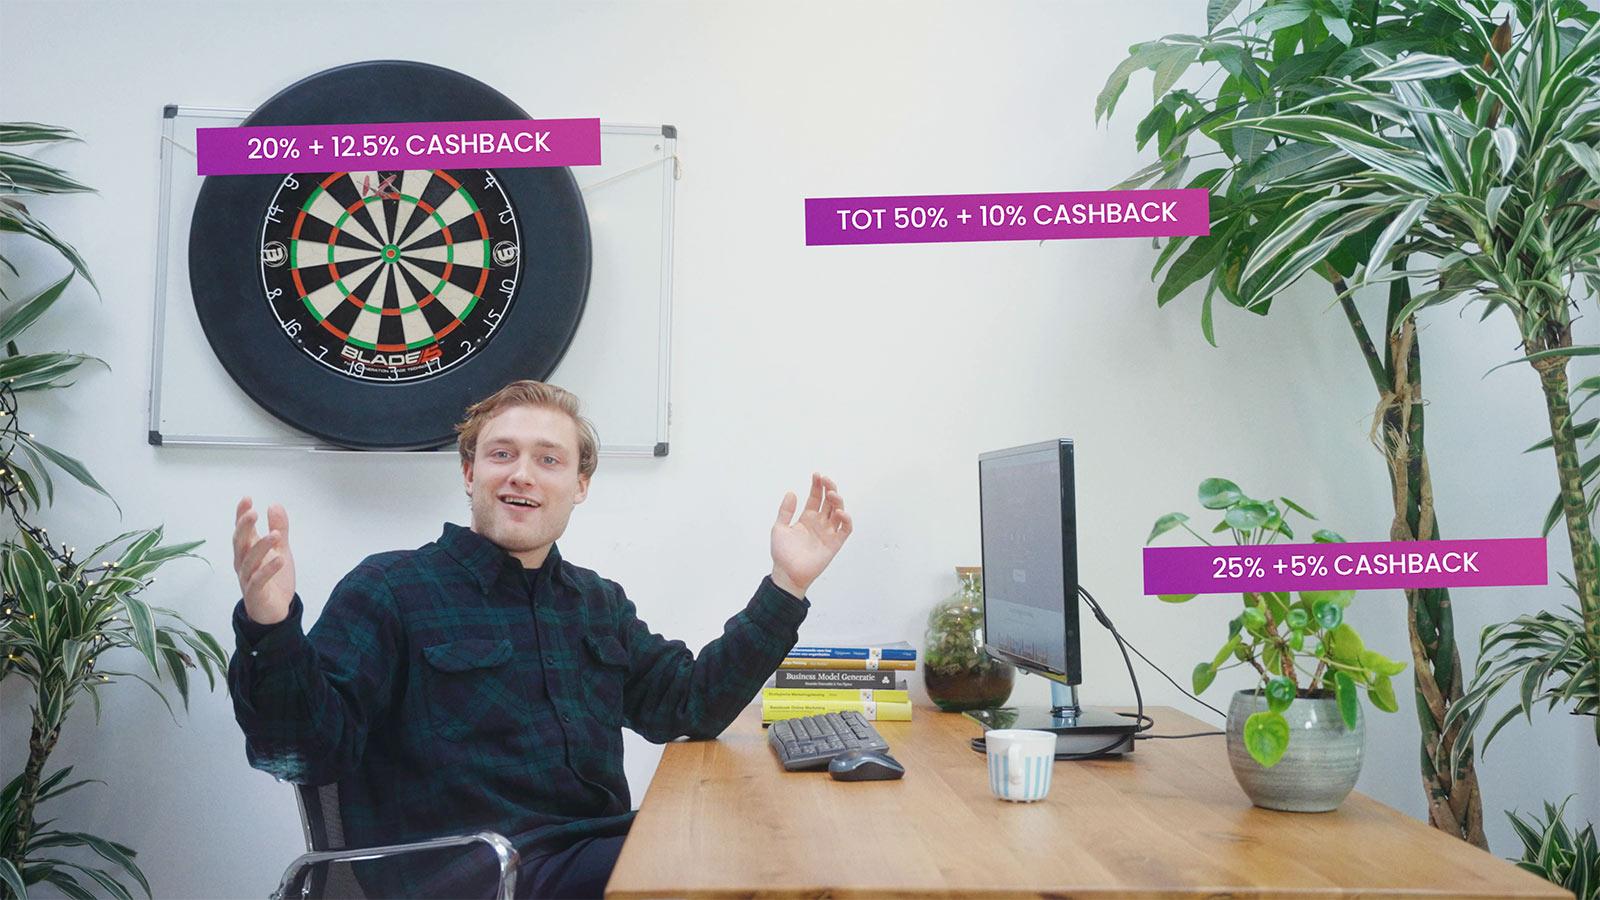 vastgoedvideo laten maken - videoproductie makelaardij en woningbouw